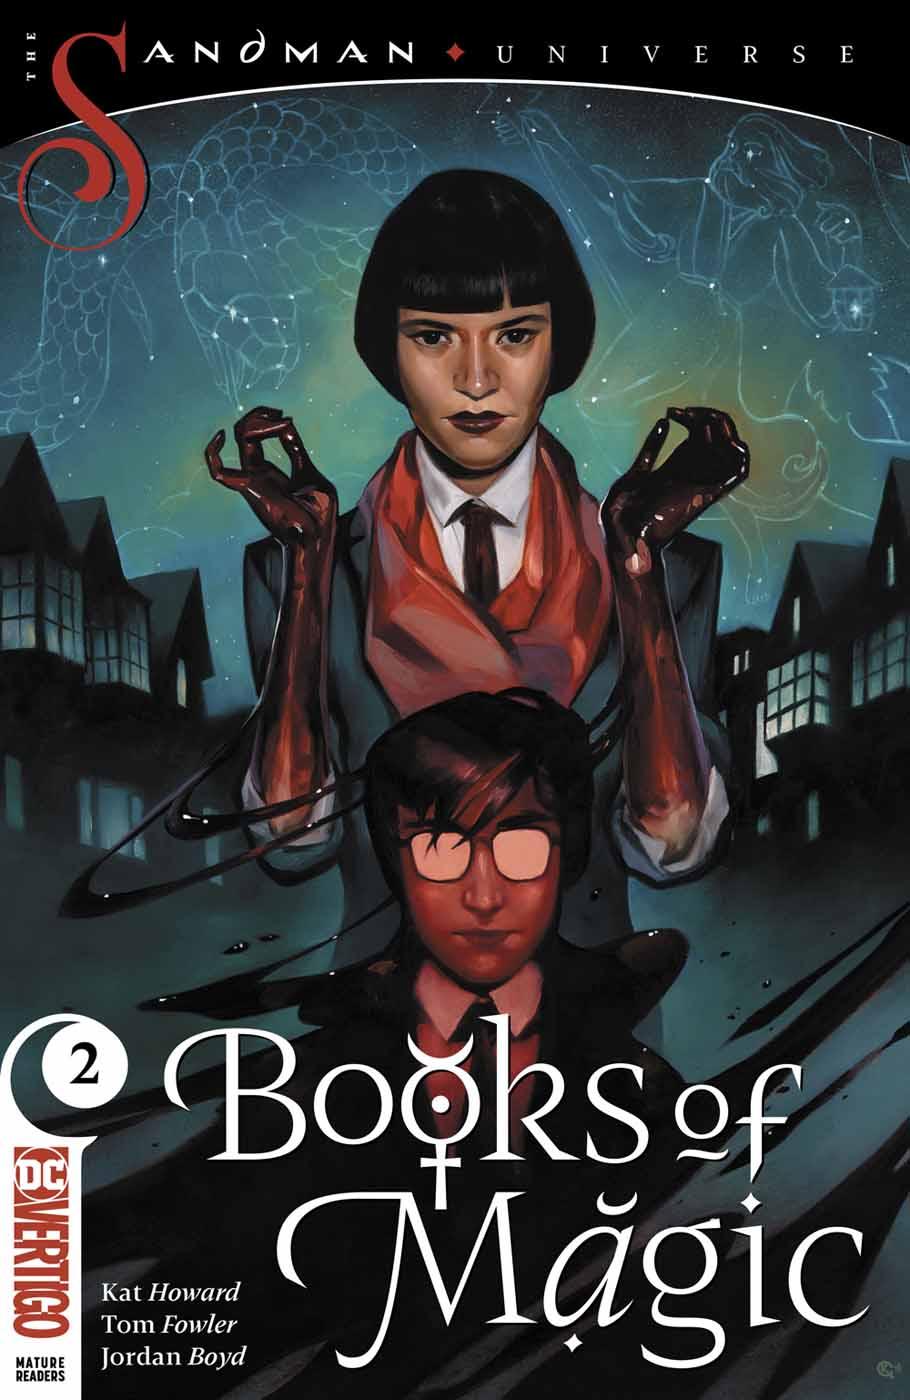 booksofmagic2c